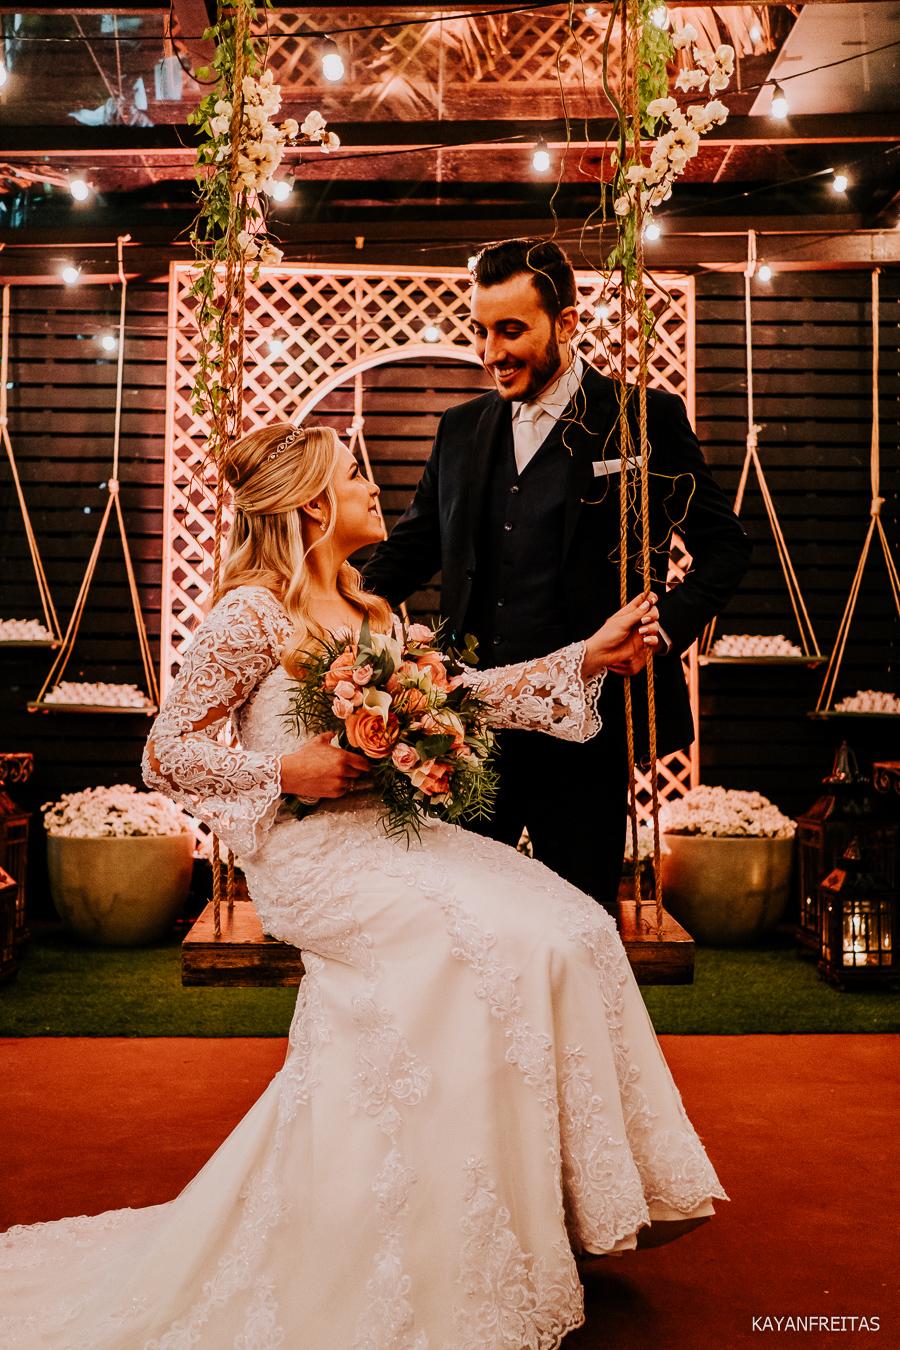 casamento-vila-dos-aracas-floripa-0127 Casamento Joana e Guilherme - Vila dos Araças